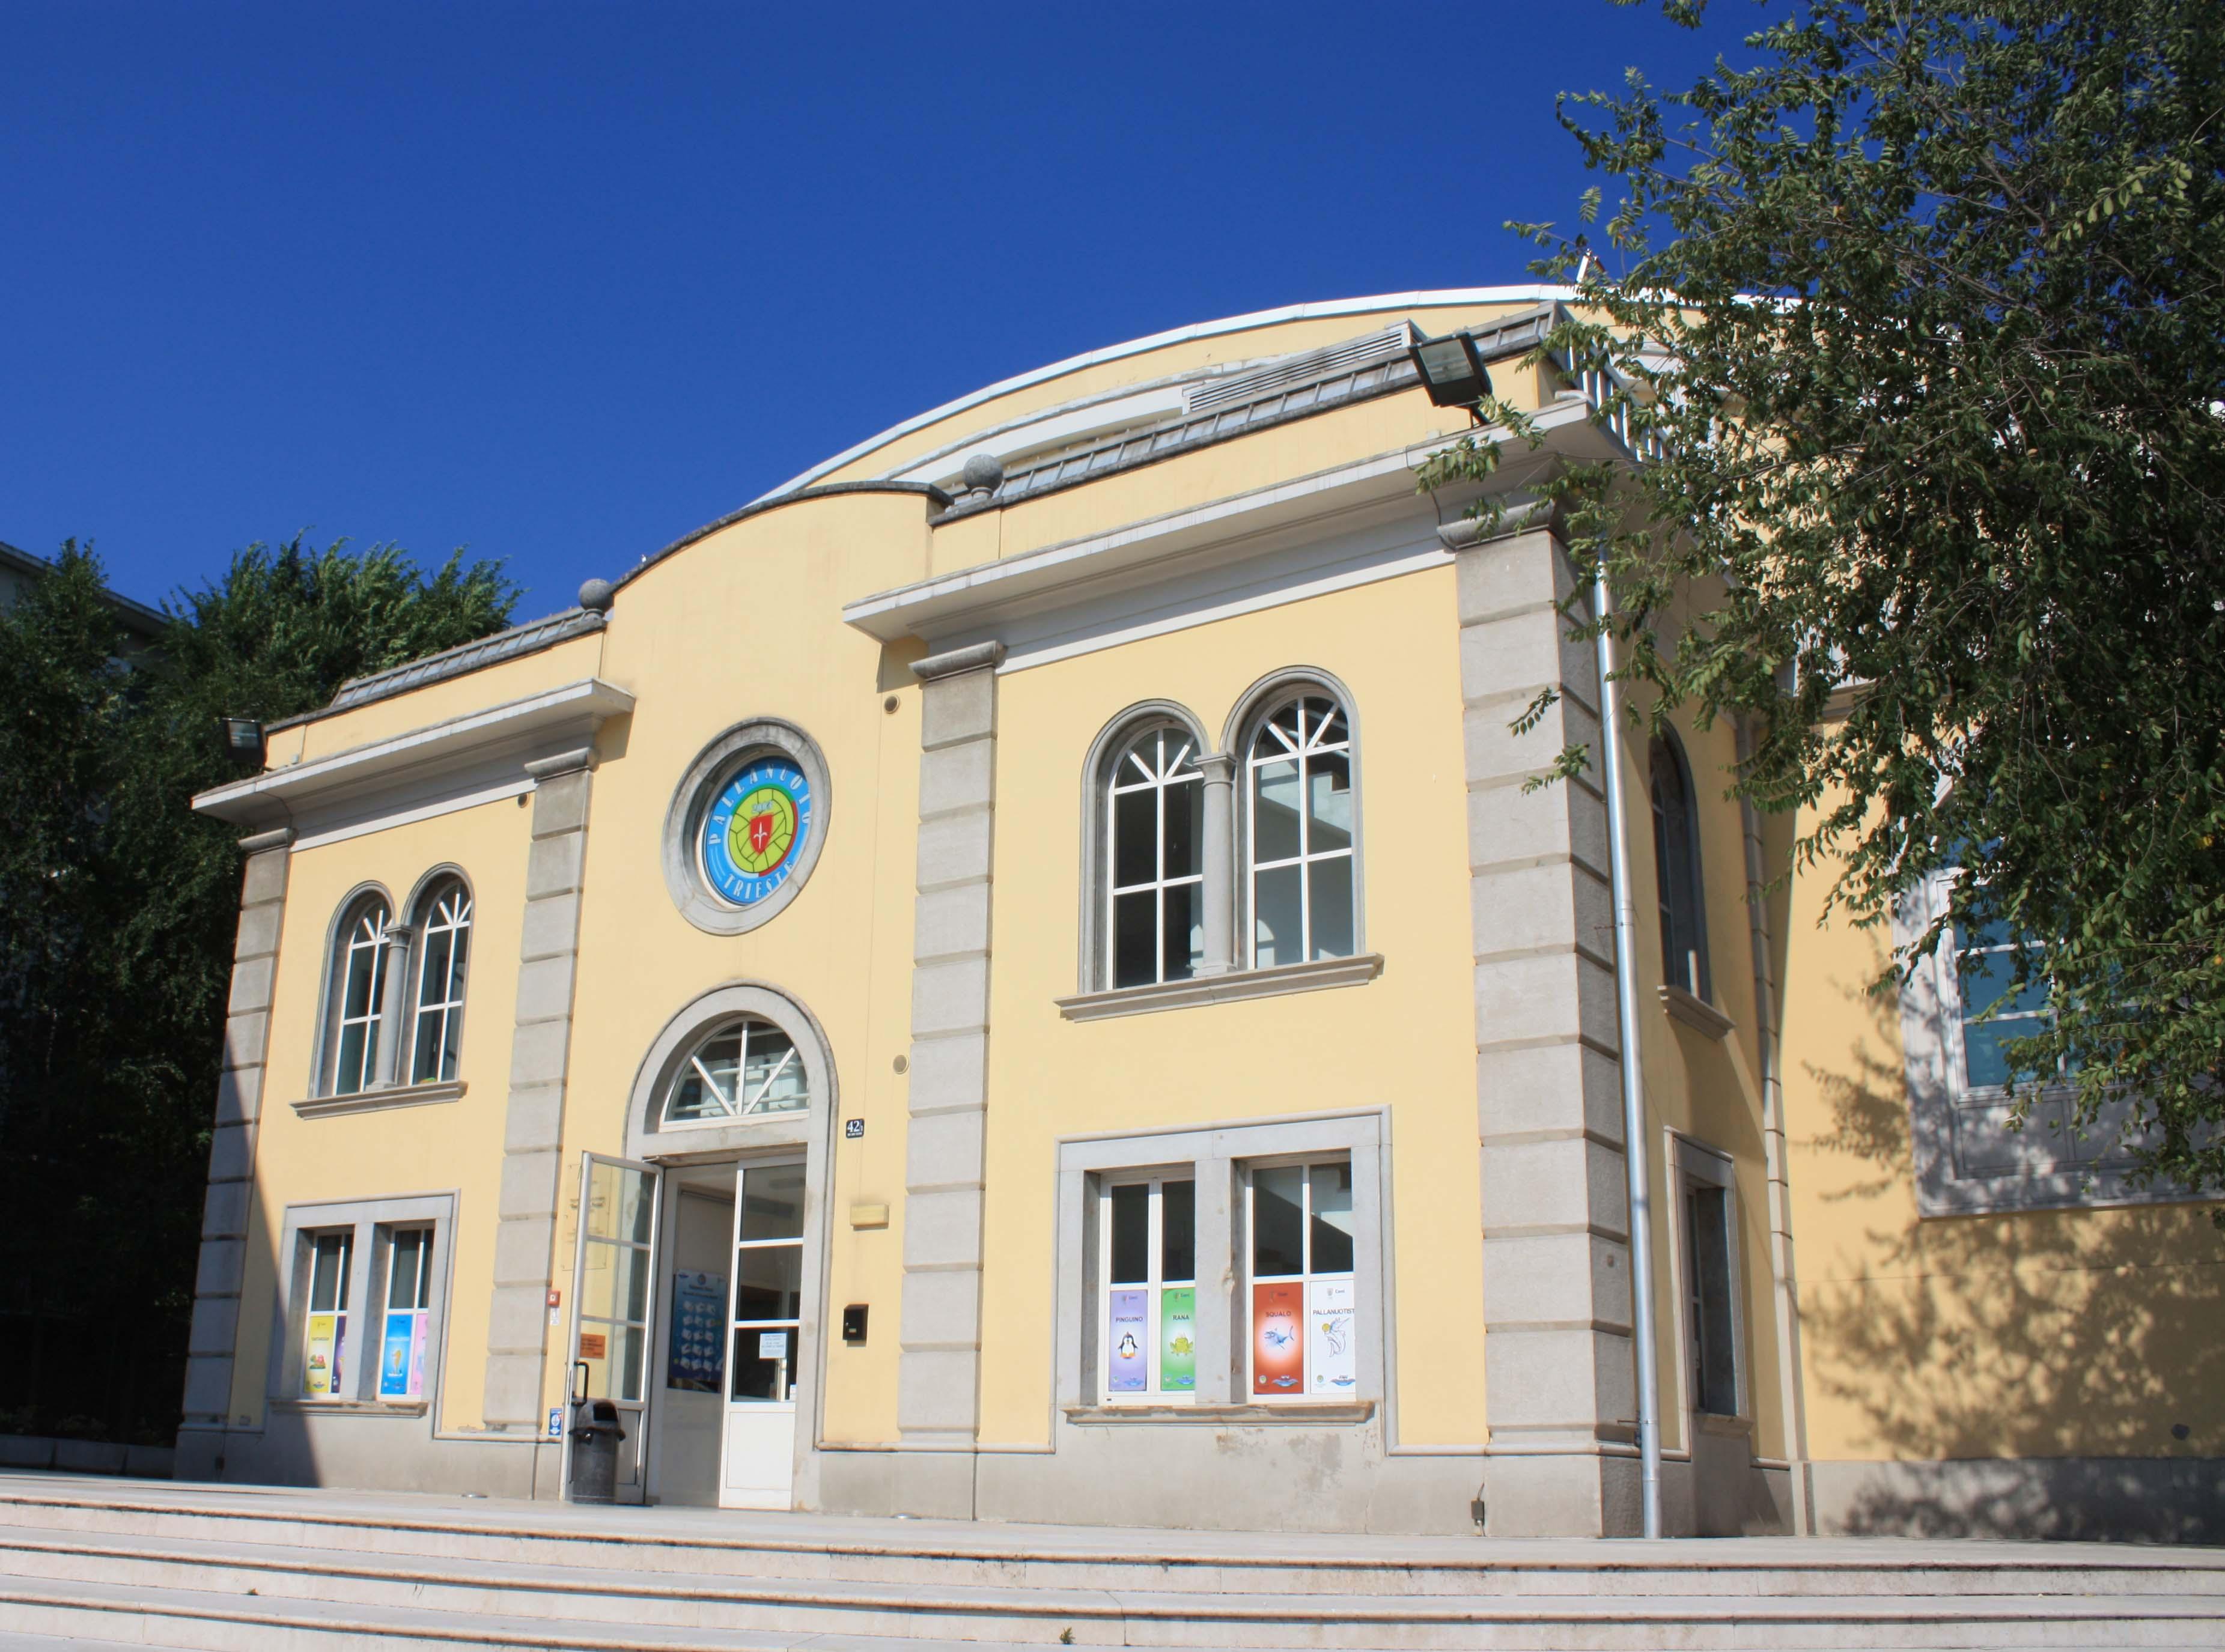 Piscina di San Giovanni. Attesa per l'inizio dei lavori, continui i contatti con gli uffici del Comune di Trieste